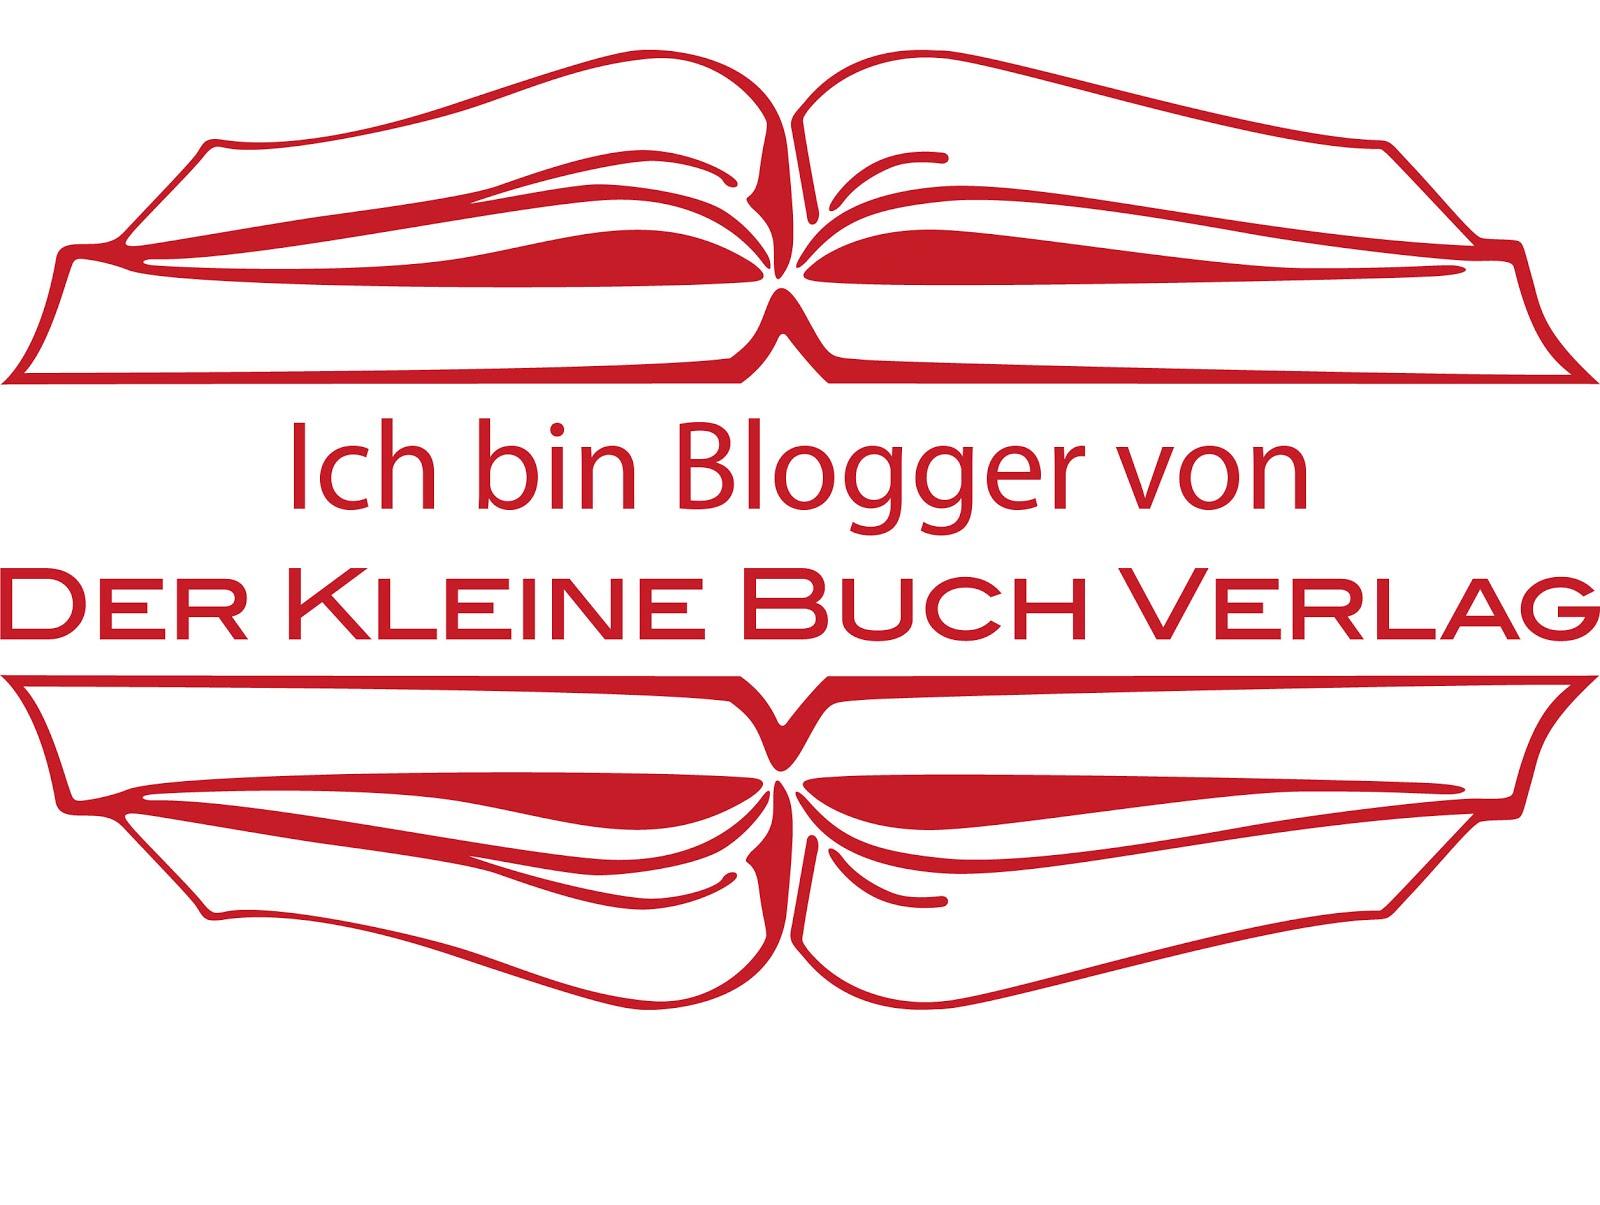 Der Kleine Buch Verlag